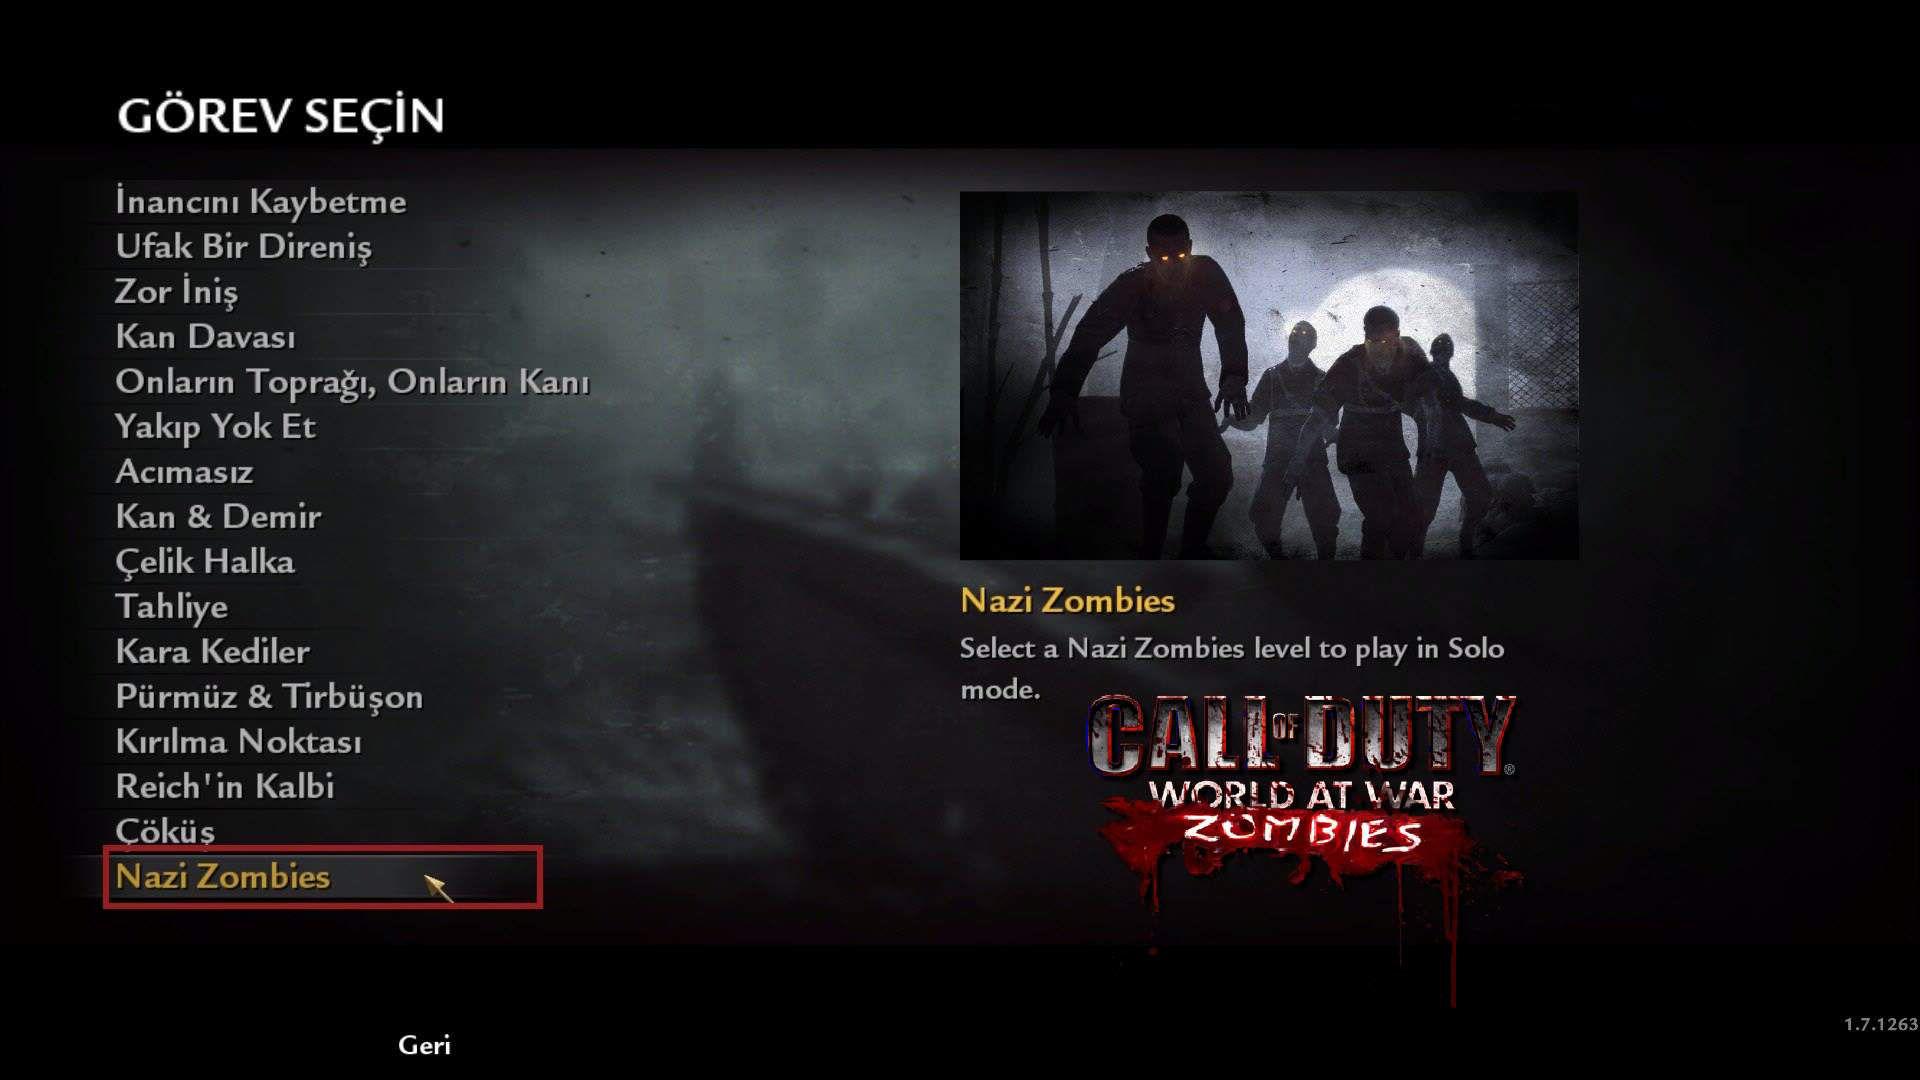 Call of Duty 5 World at War Official Zombie Menüsü